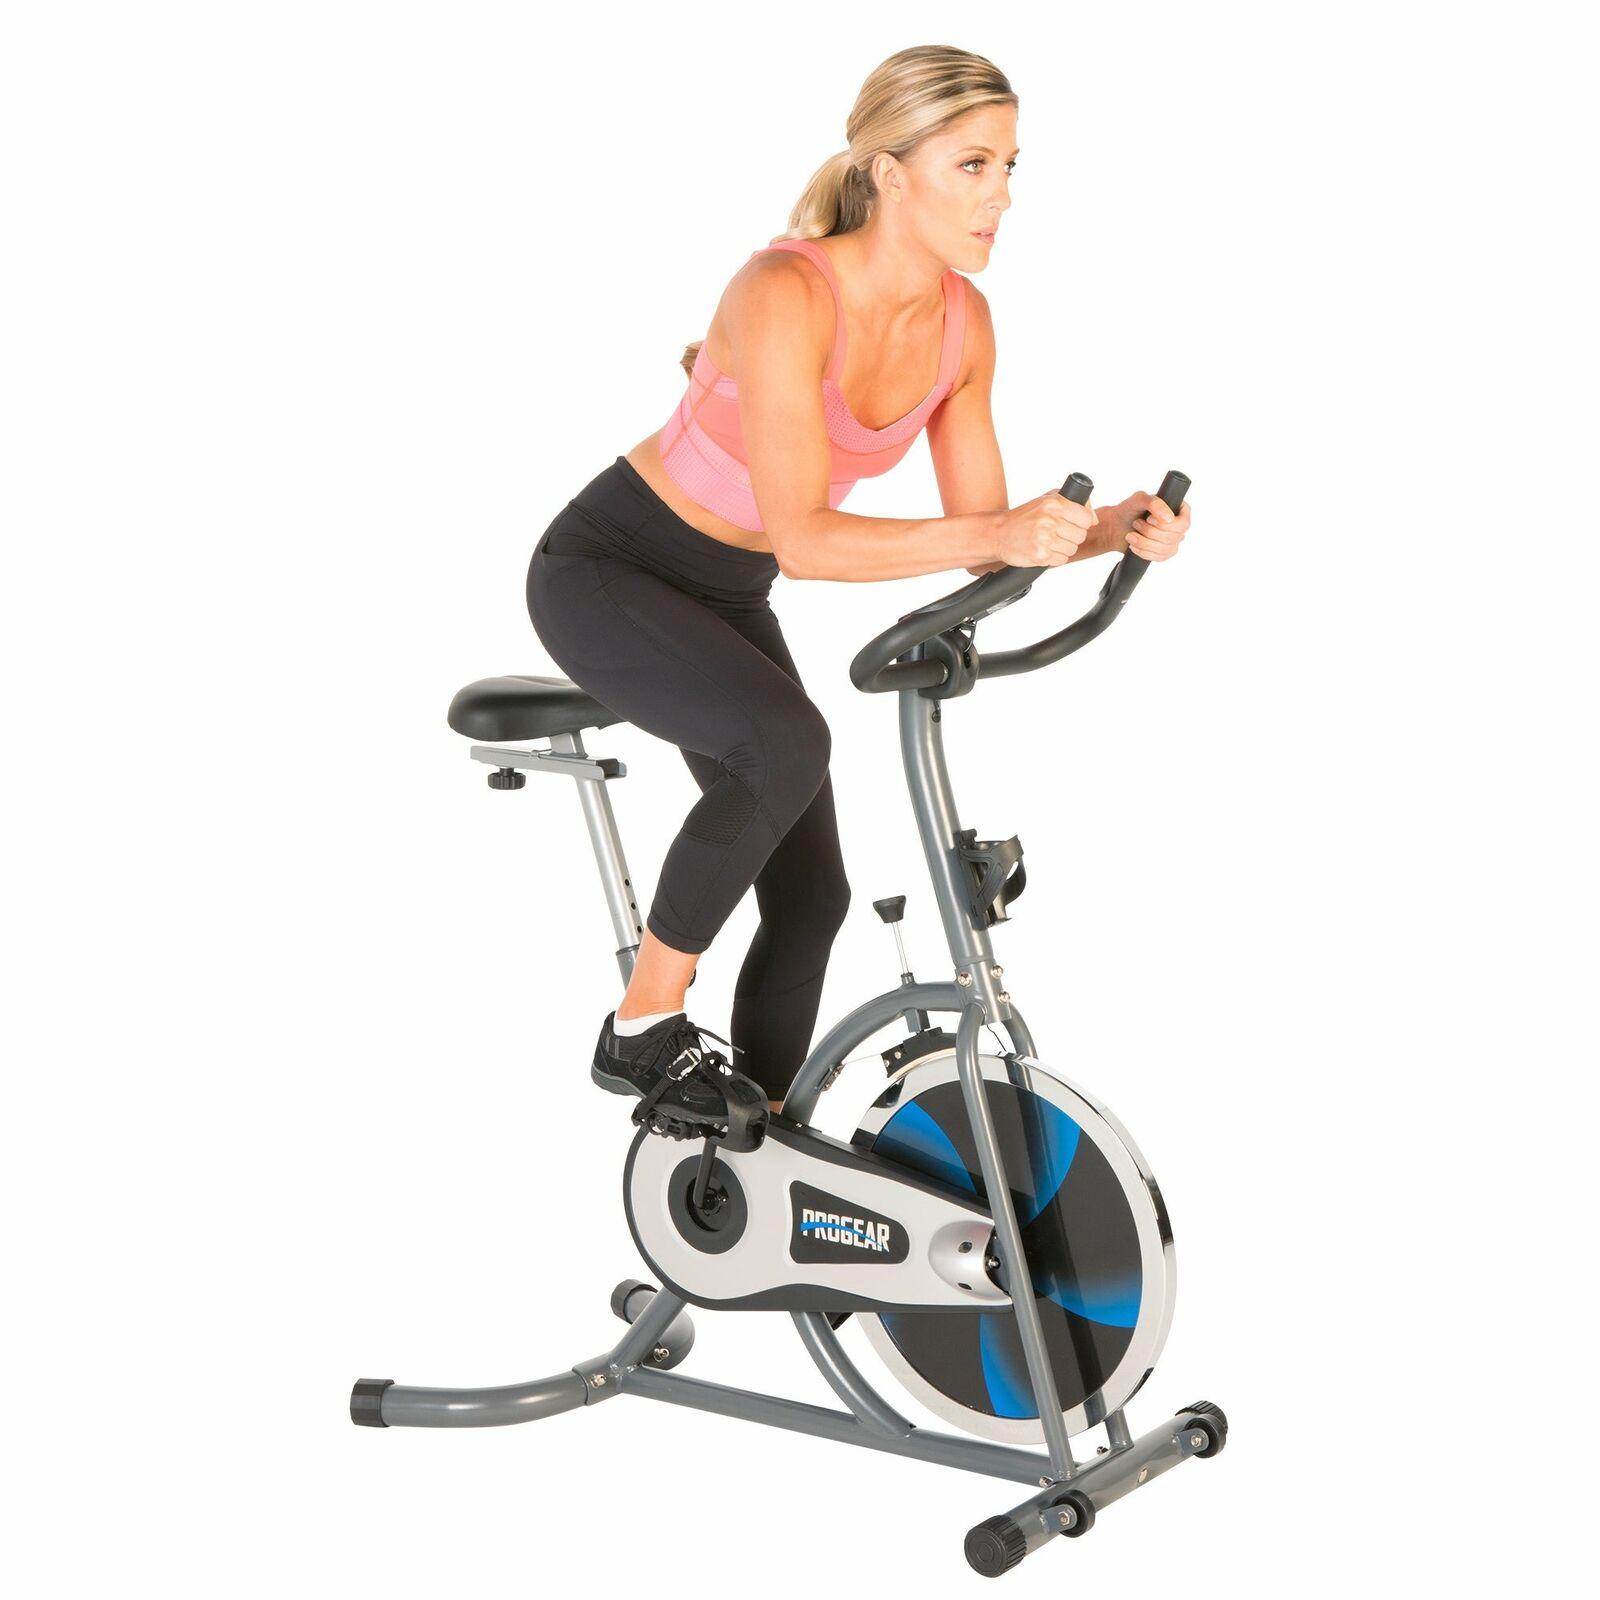 افضل دراجة تمارين رياضية ثابتة للتخسيس وتنحيف الجسم العجلة